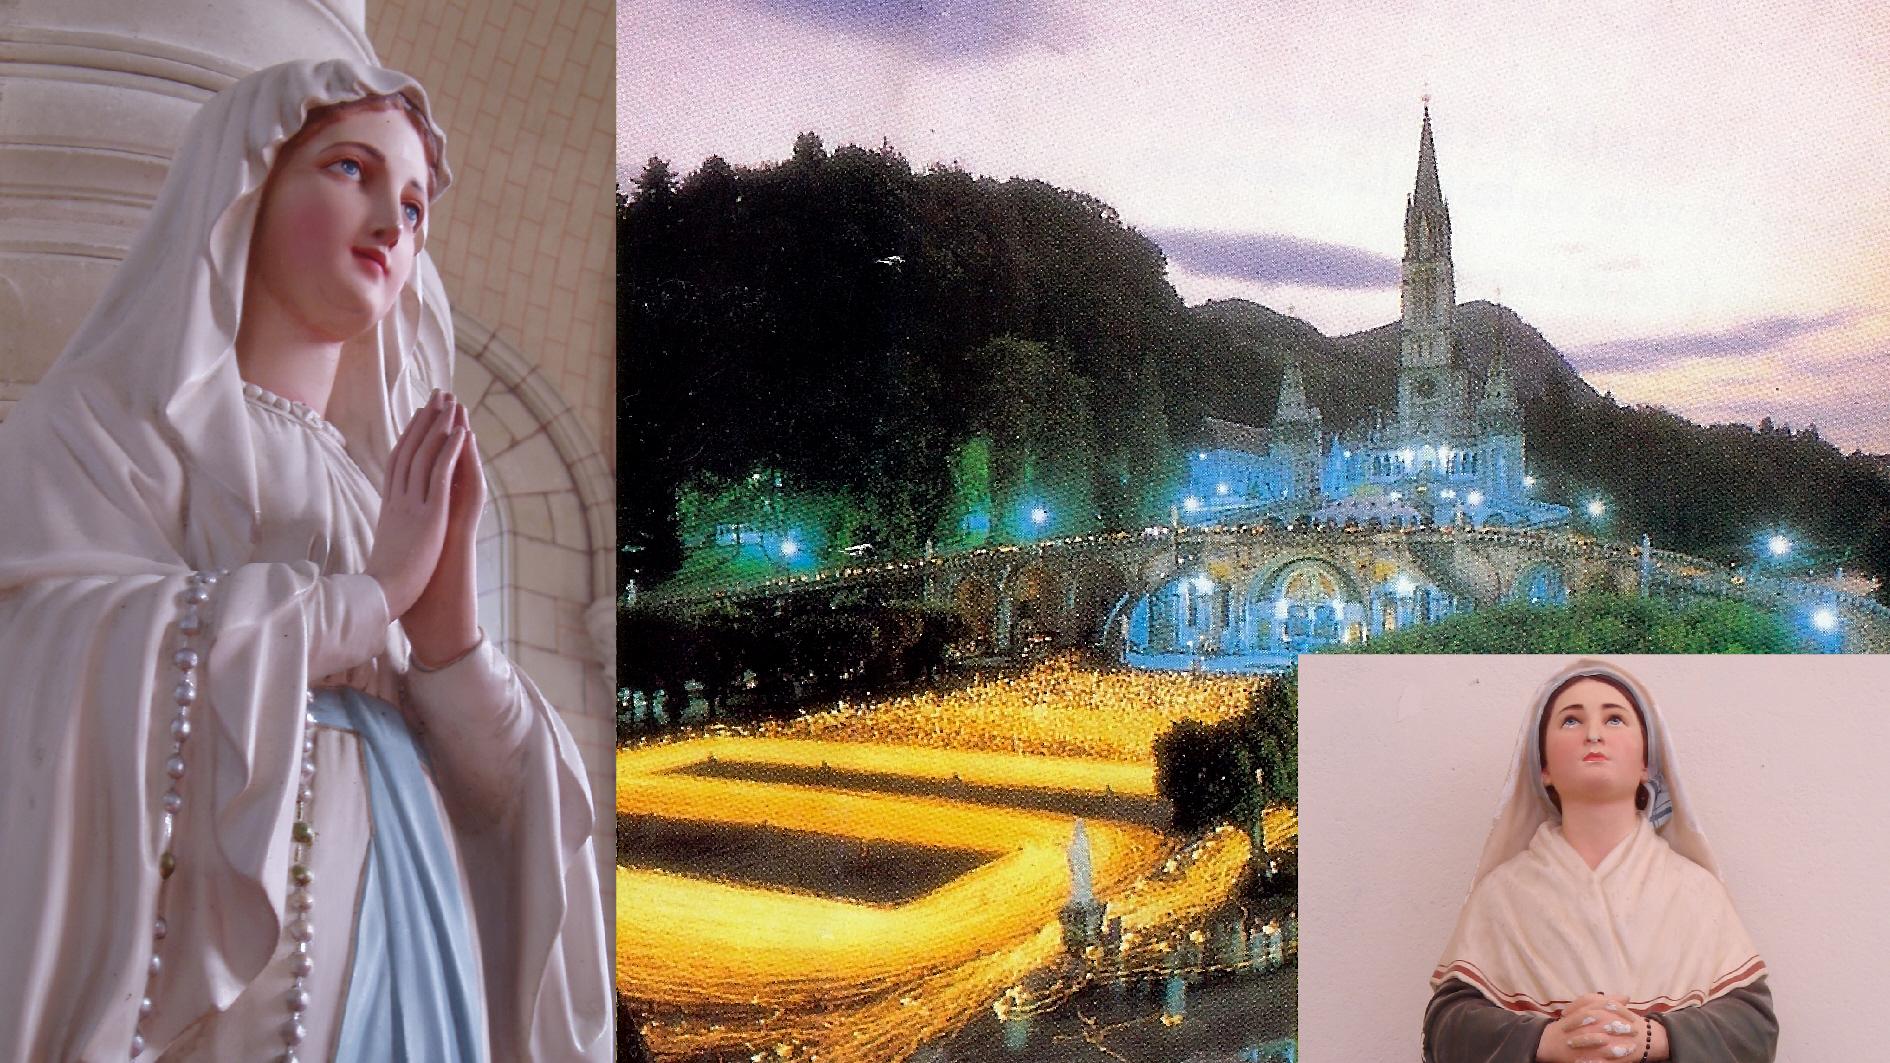 CALENDRIER CATHOLIQUE 2020 (Cantiques, Prières & Images) - Page 4 Procession-aux-fl...rnadette-55be869